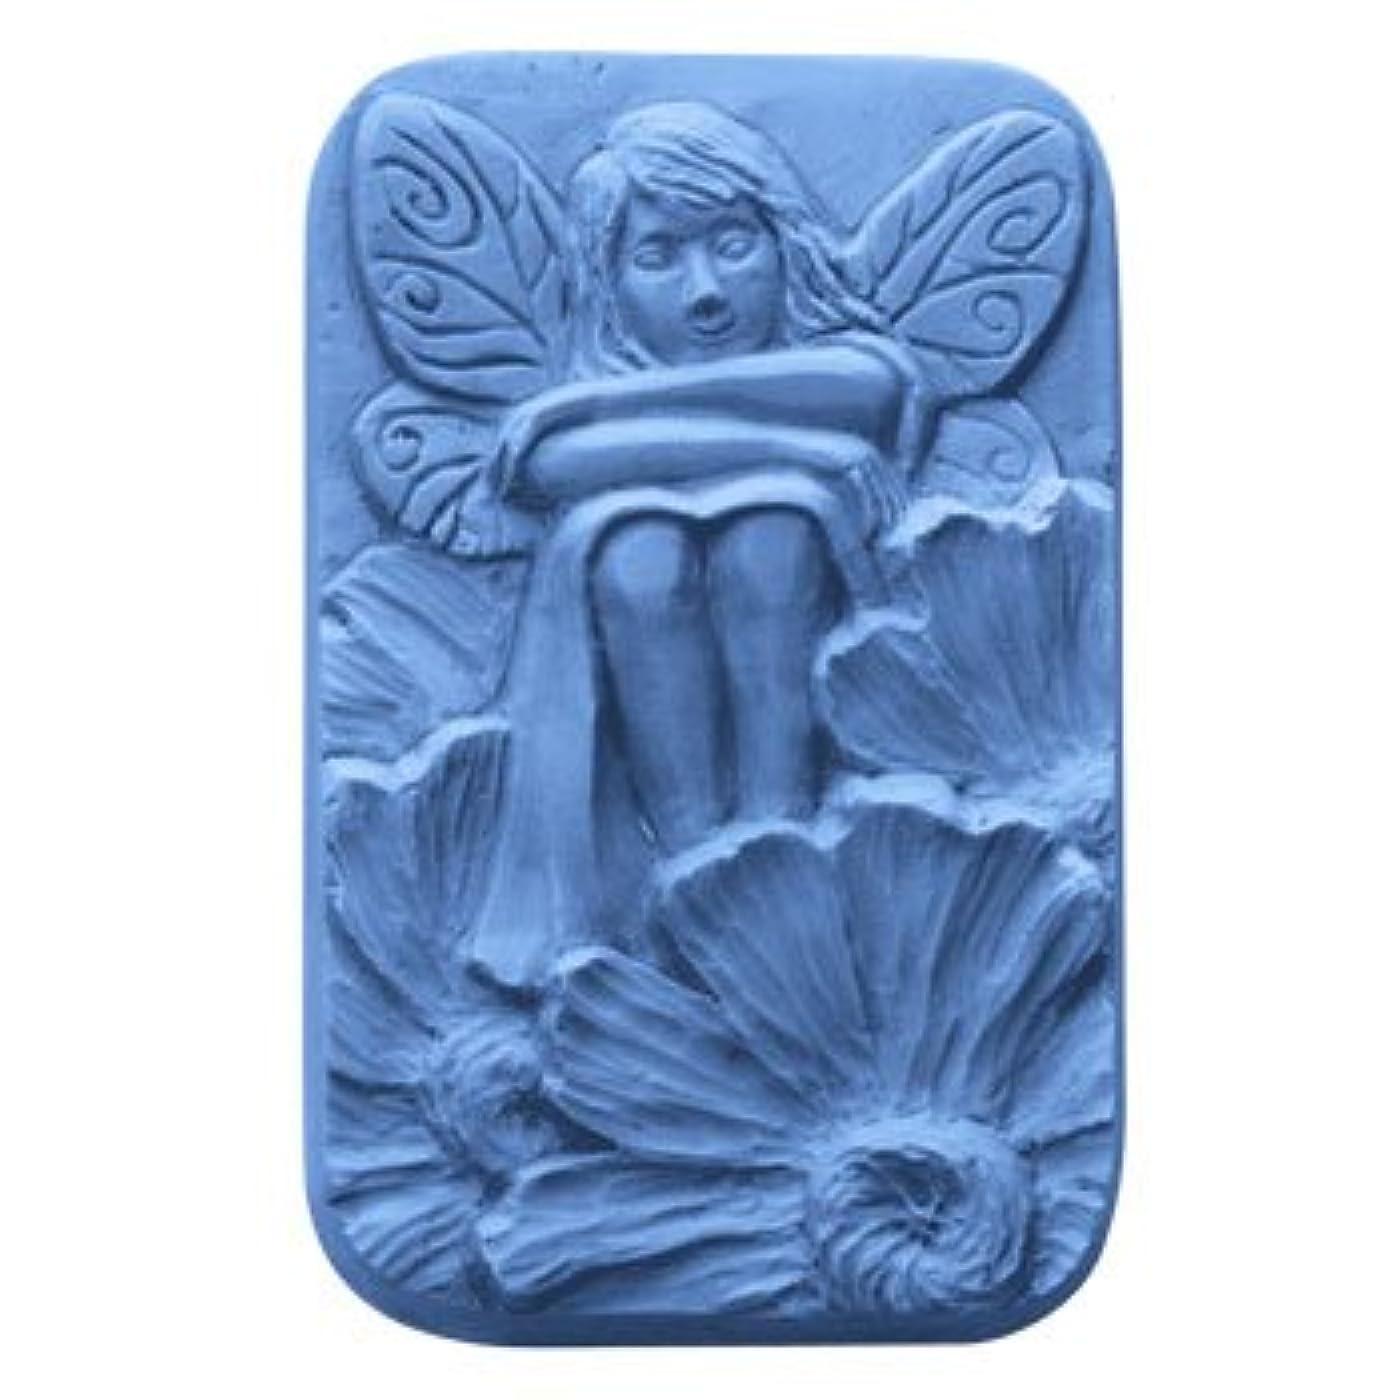 不機嫌確かめる触手ミルキーウェイ フェアリー[妖精] 【ソープモールド/石鹸型/シートモールド】